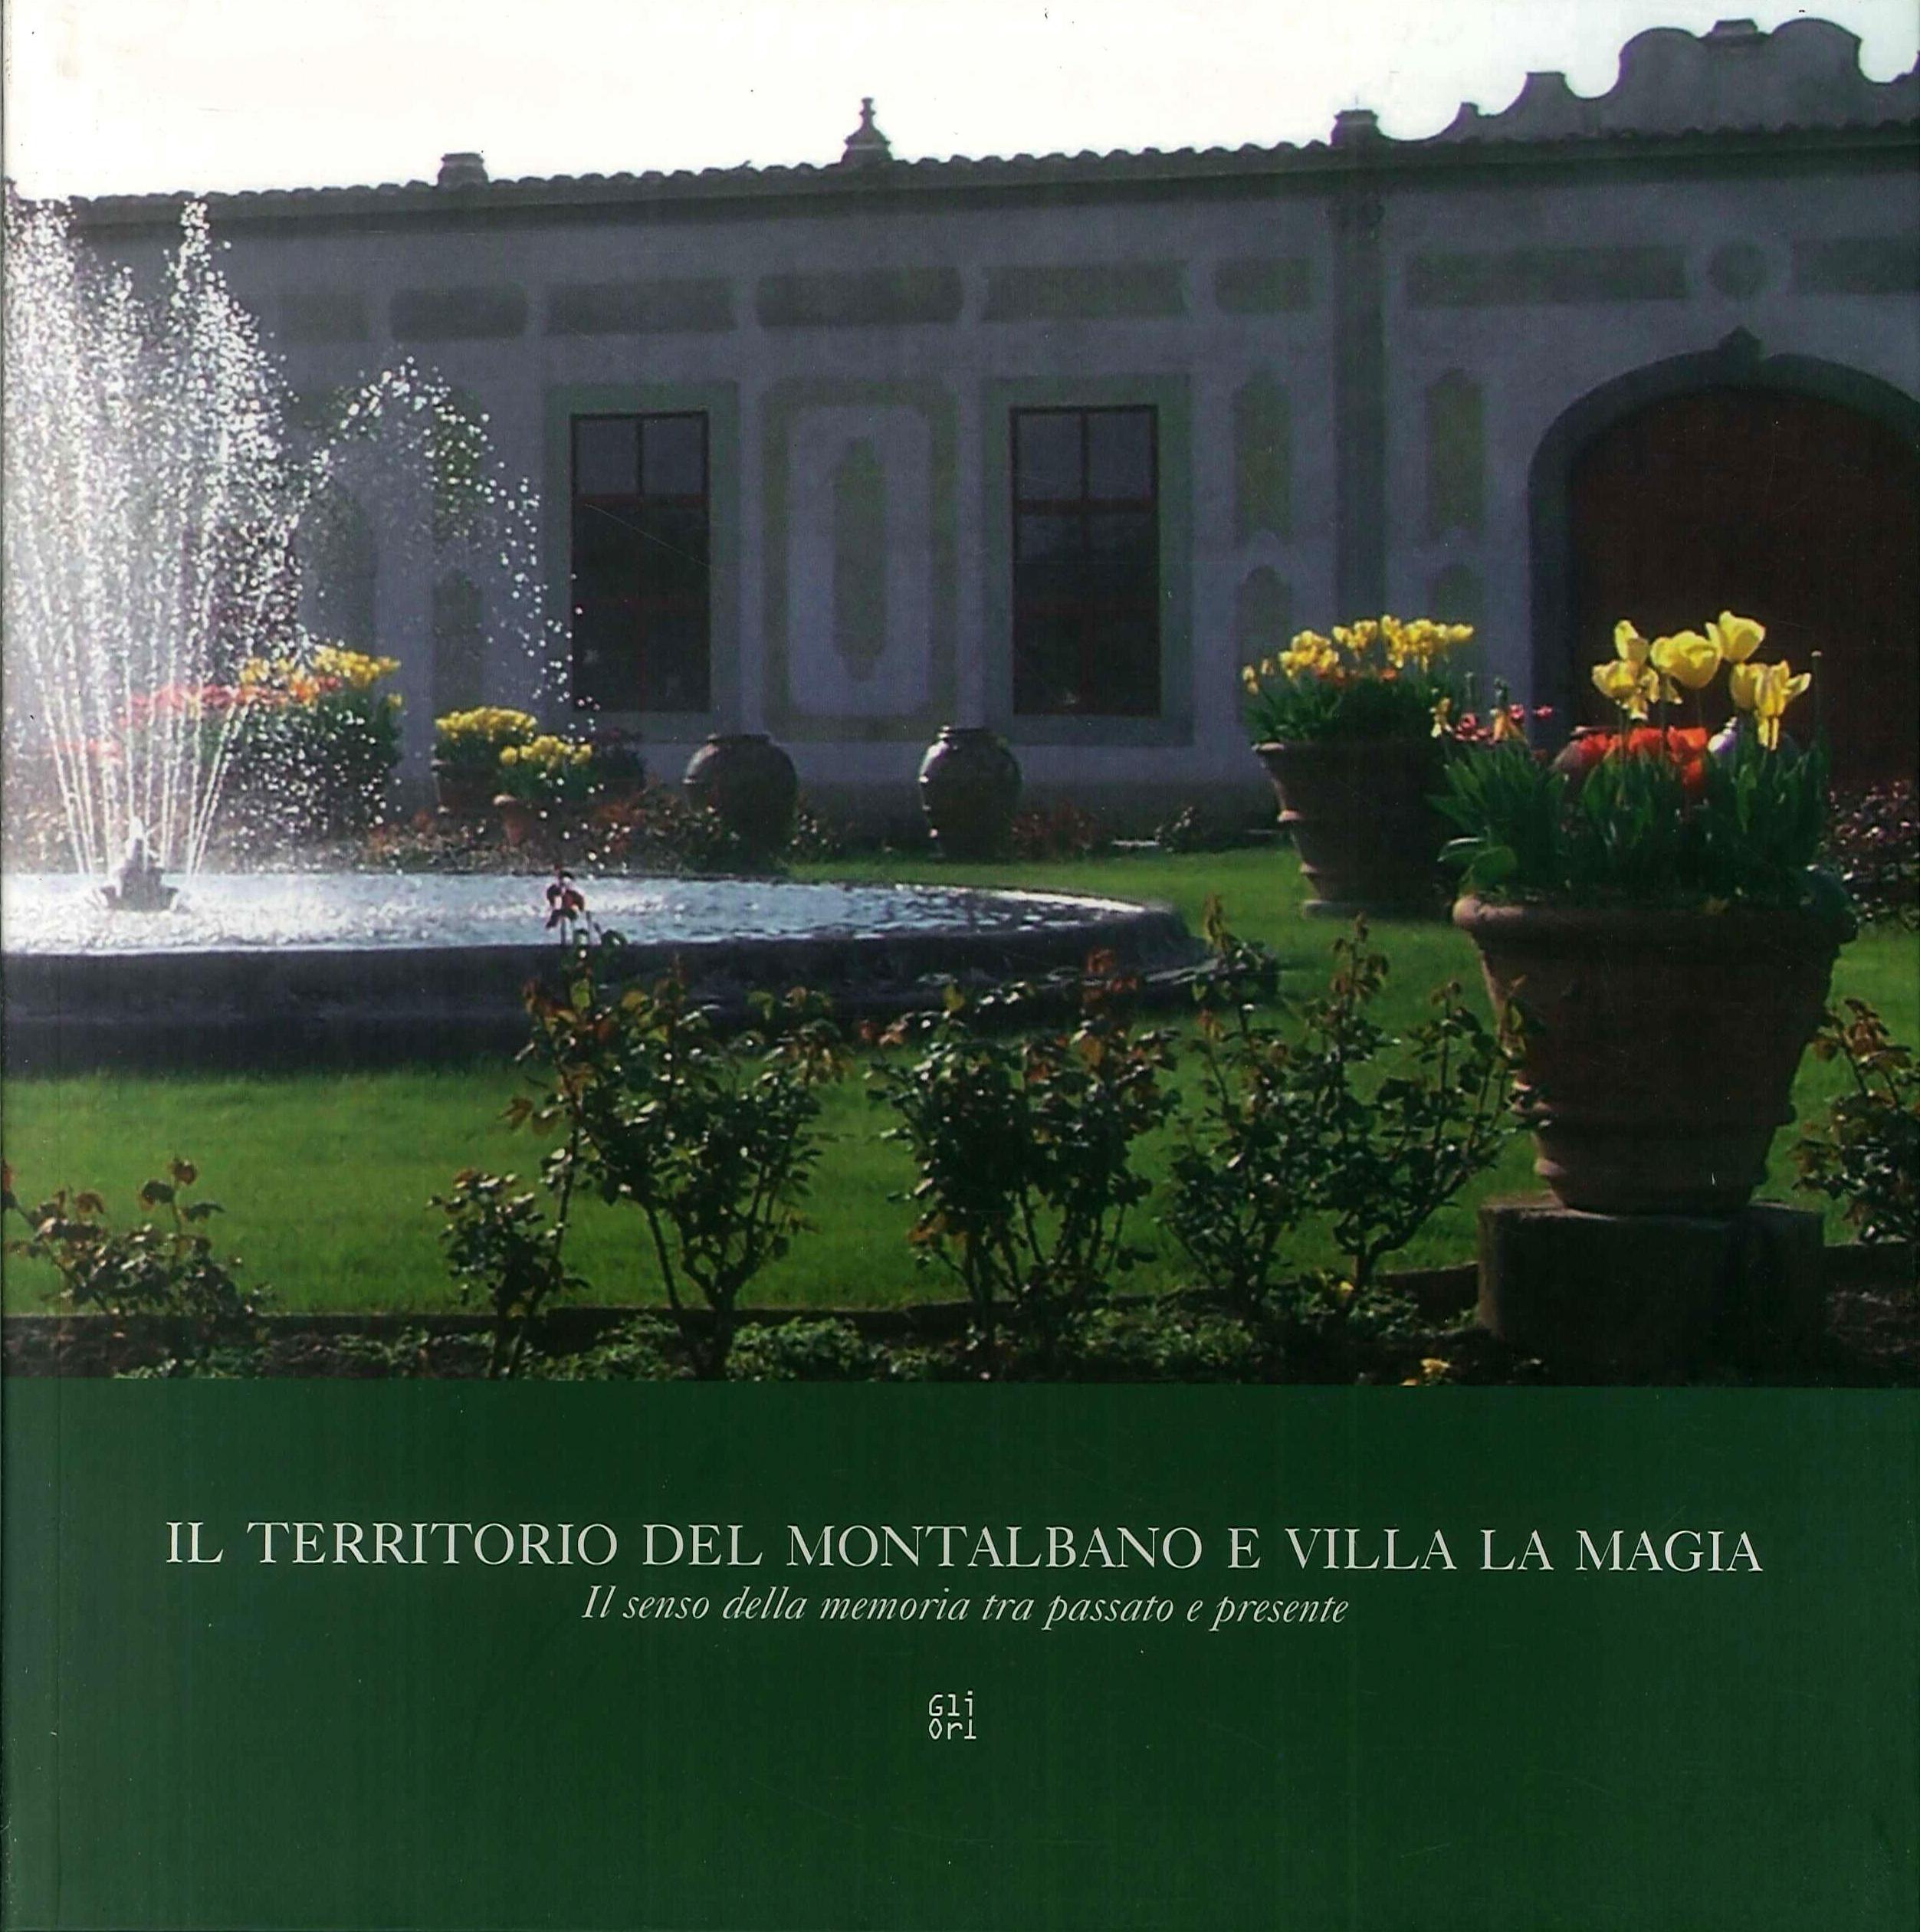 Il territorio del Montalbano e villa La Magia.